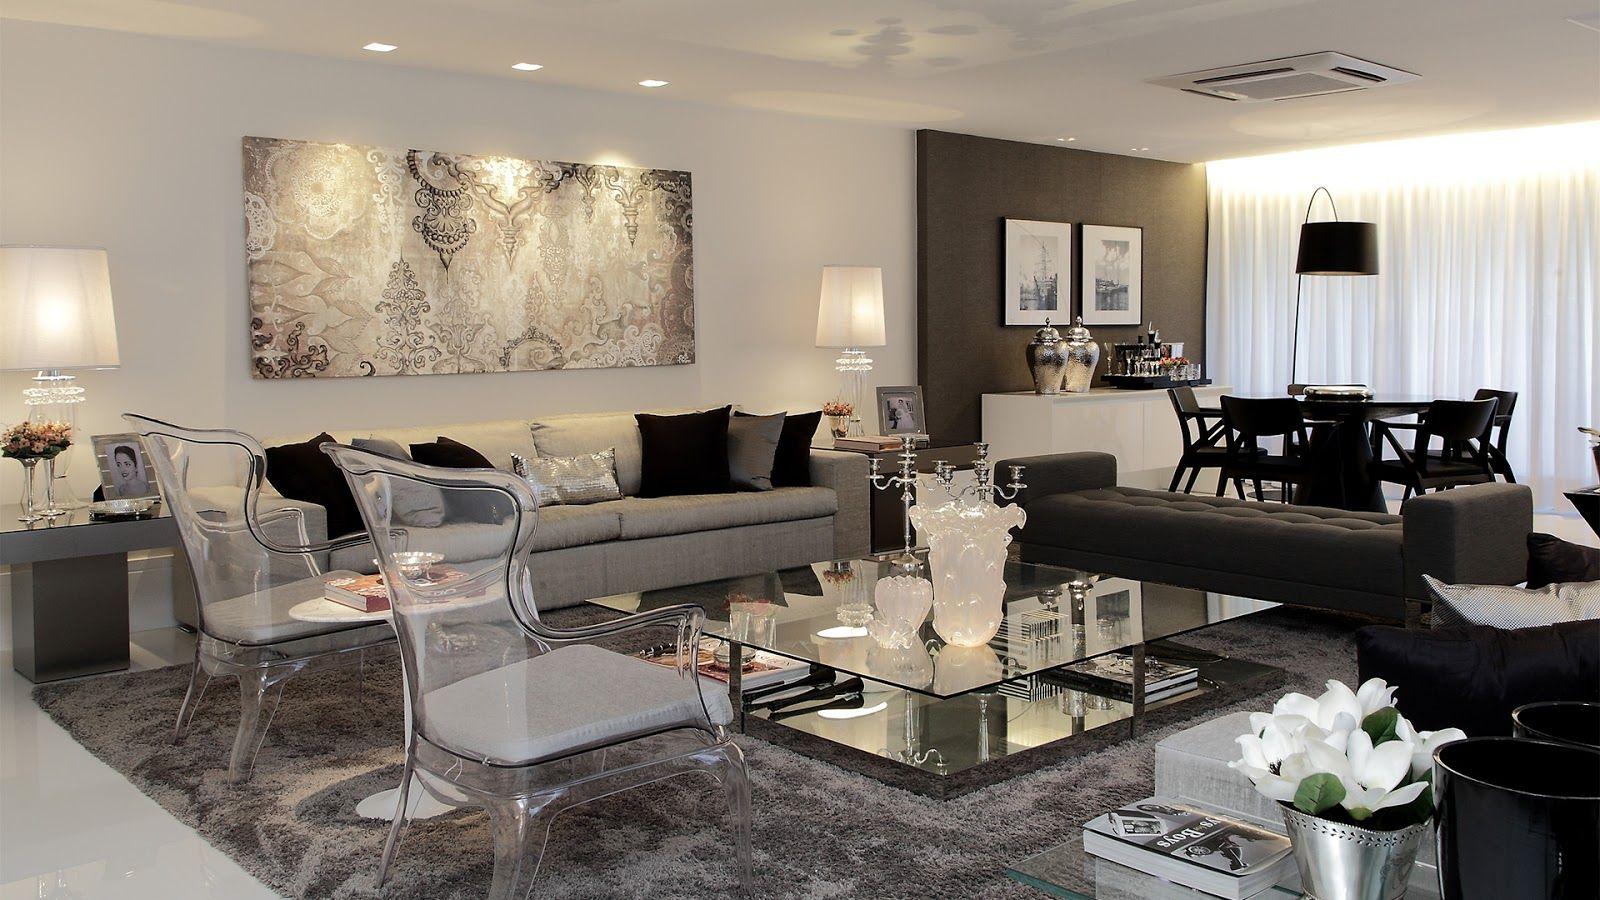 Salas De Estar Jantar E Tv Integradas E Decoradas De Preto Branco  -> Fotos De Salas De Tv